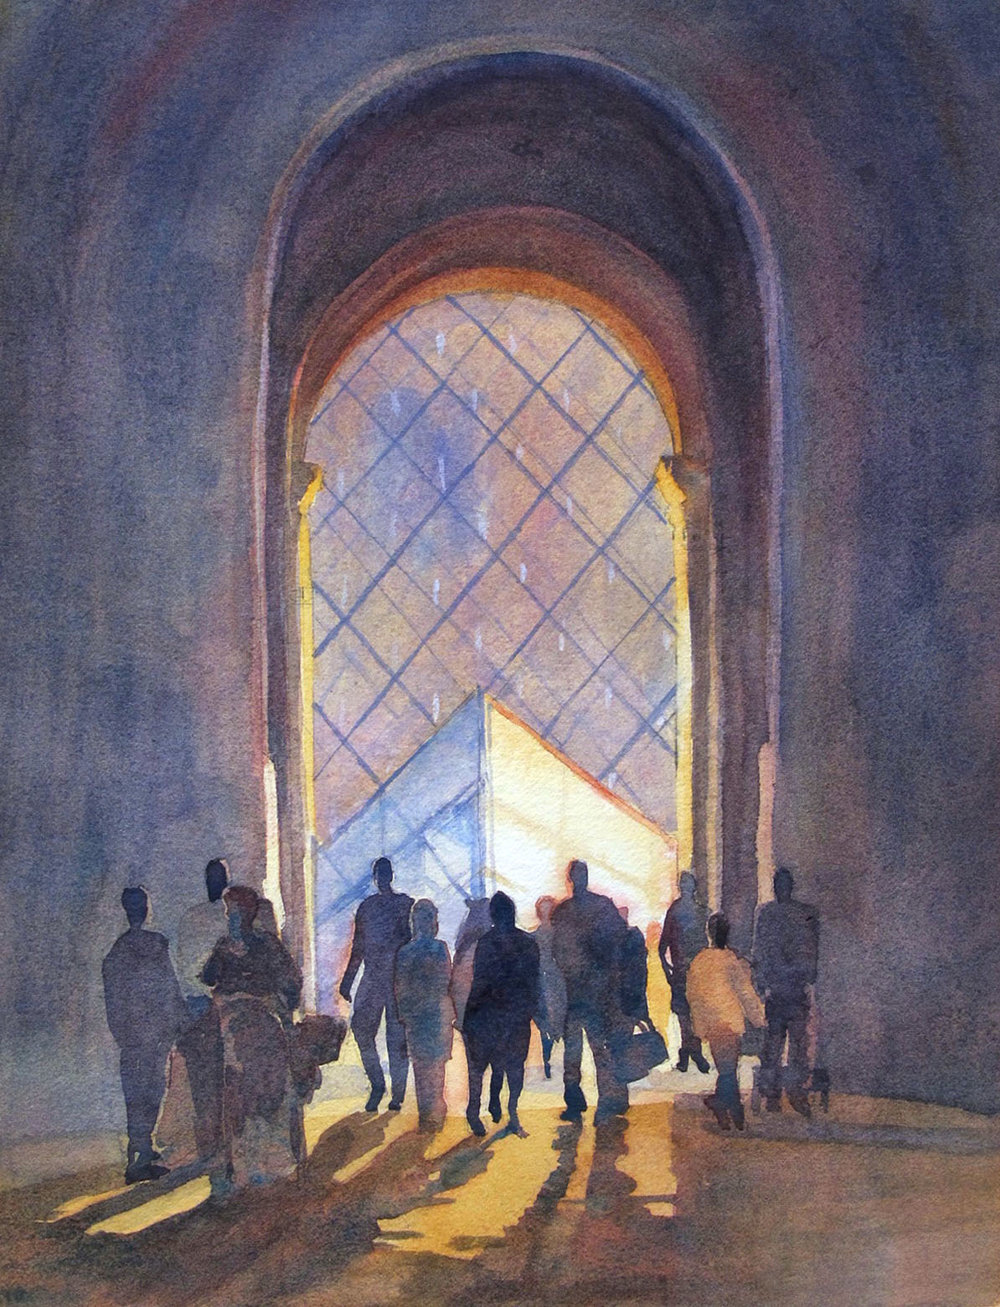 Entering the Louvre, Paris